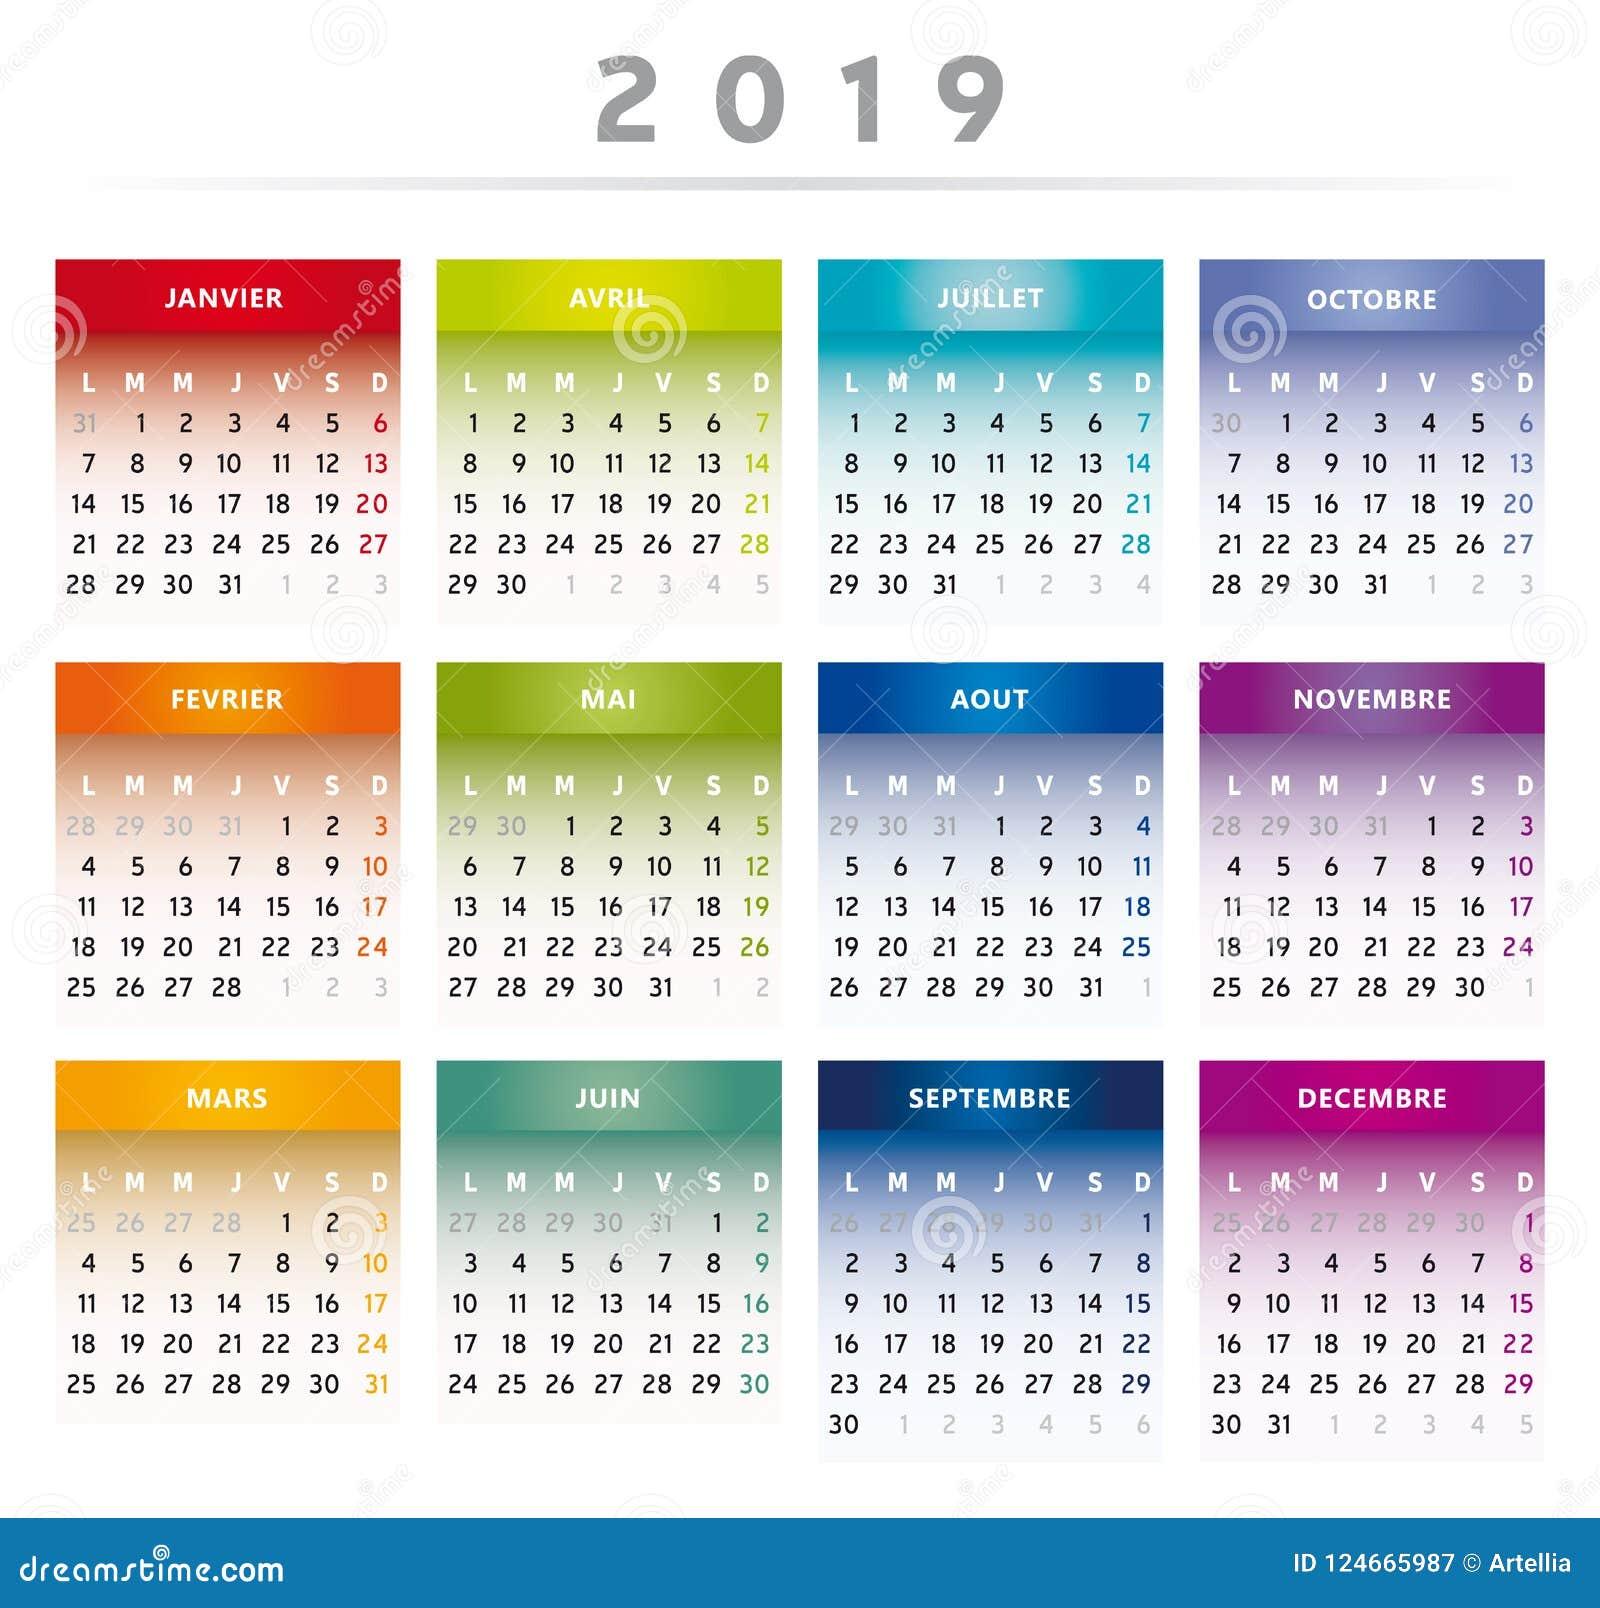 Download Template Kalender 2019 Png